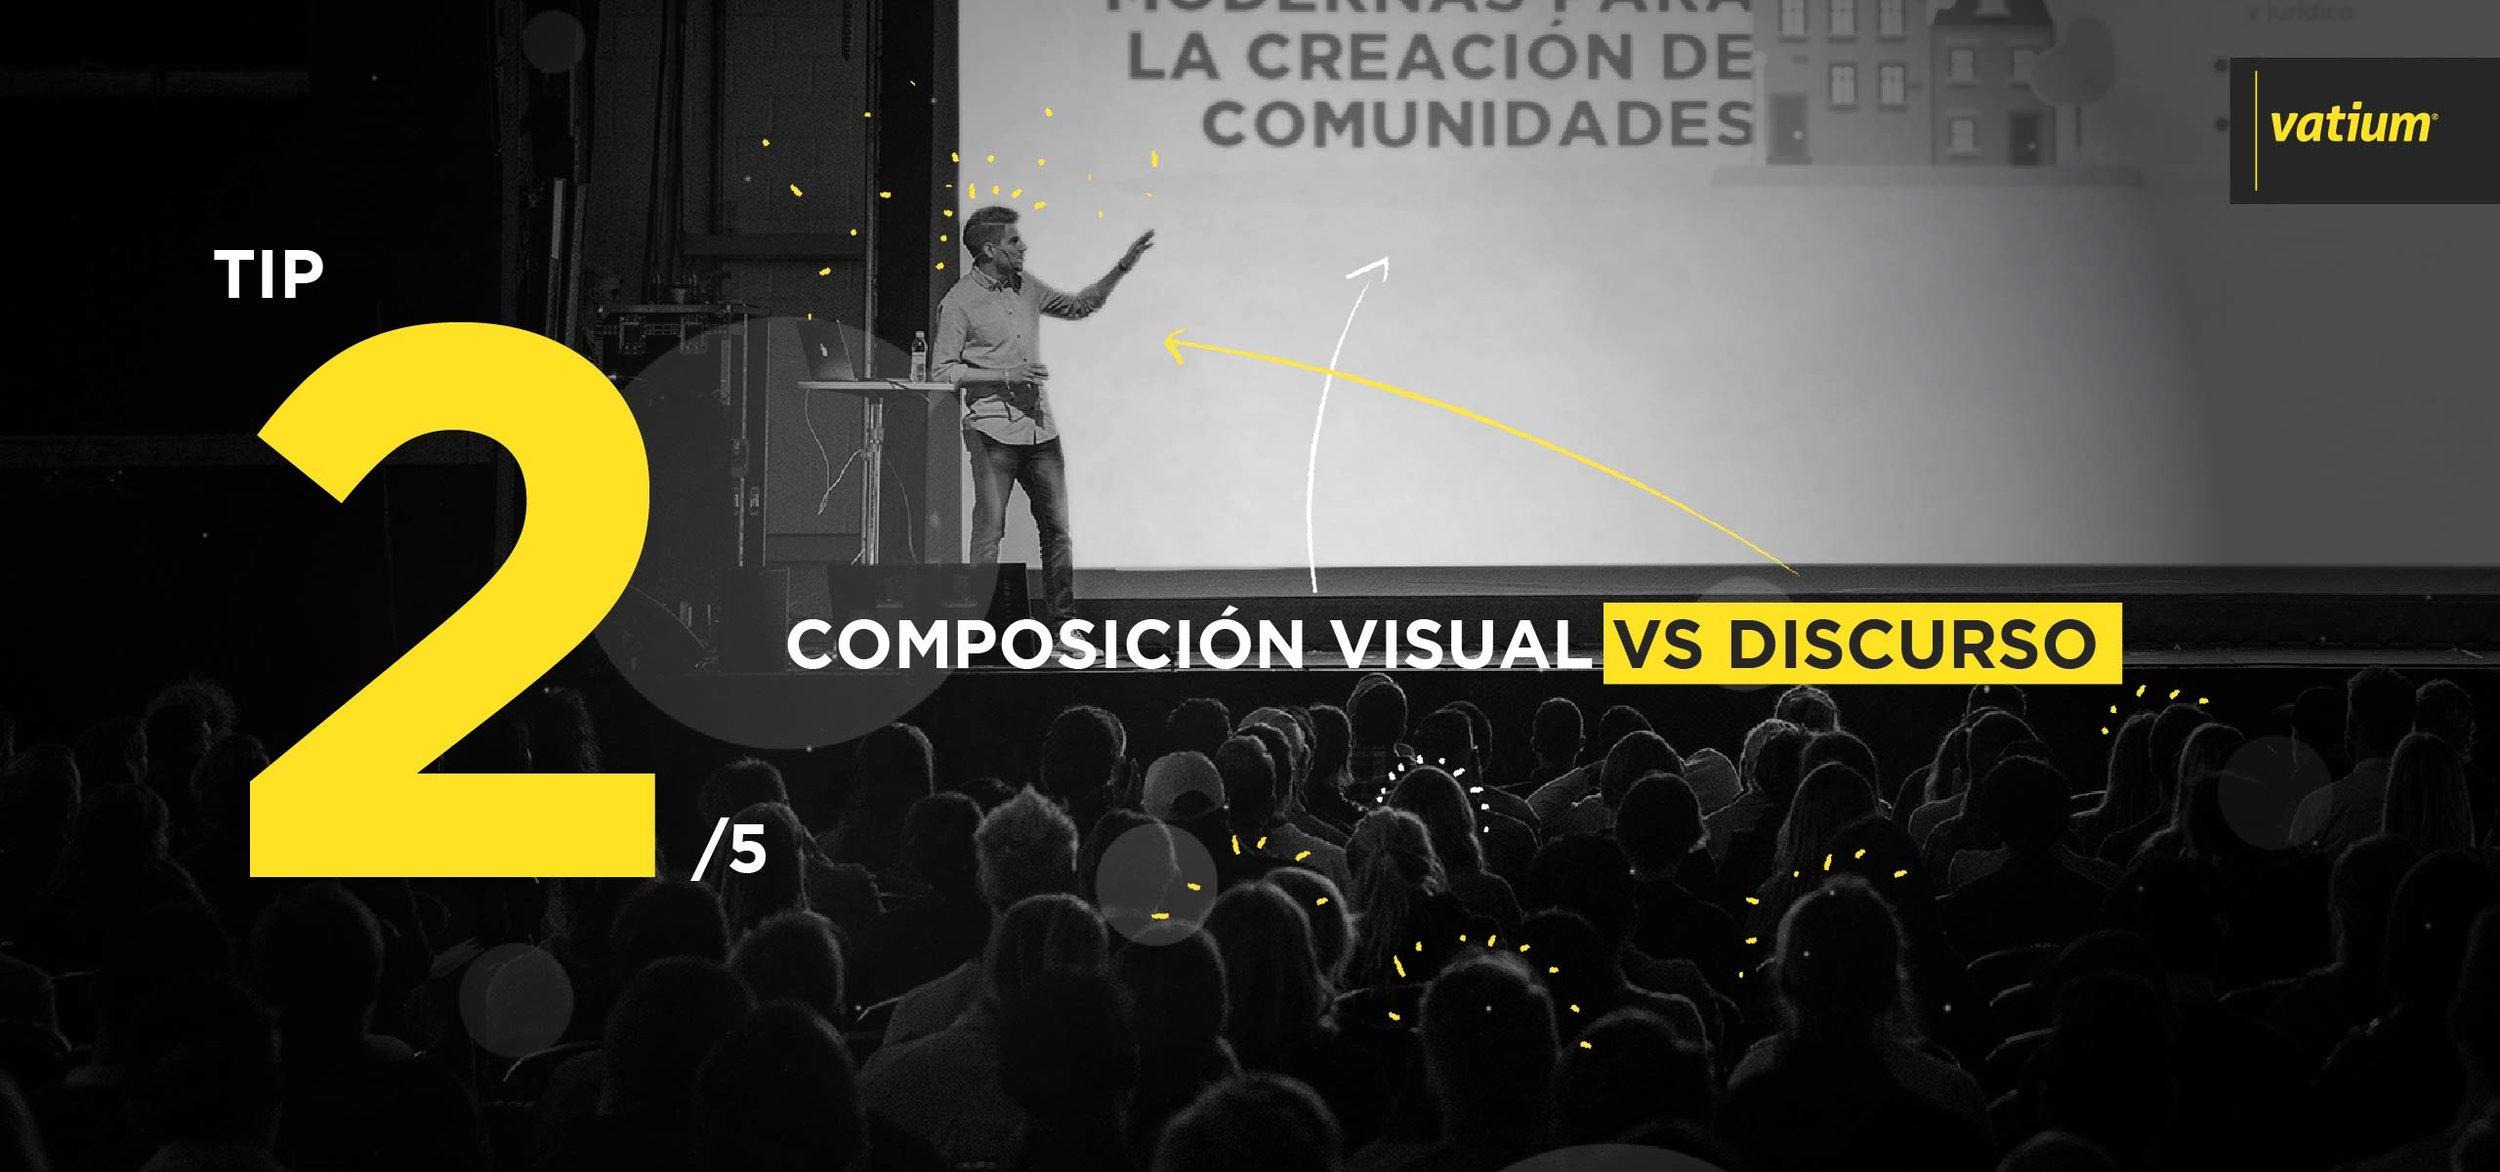 presentaciones comerciales - composición visual vs discurso